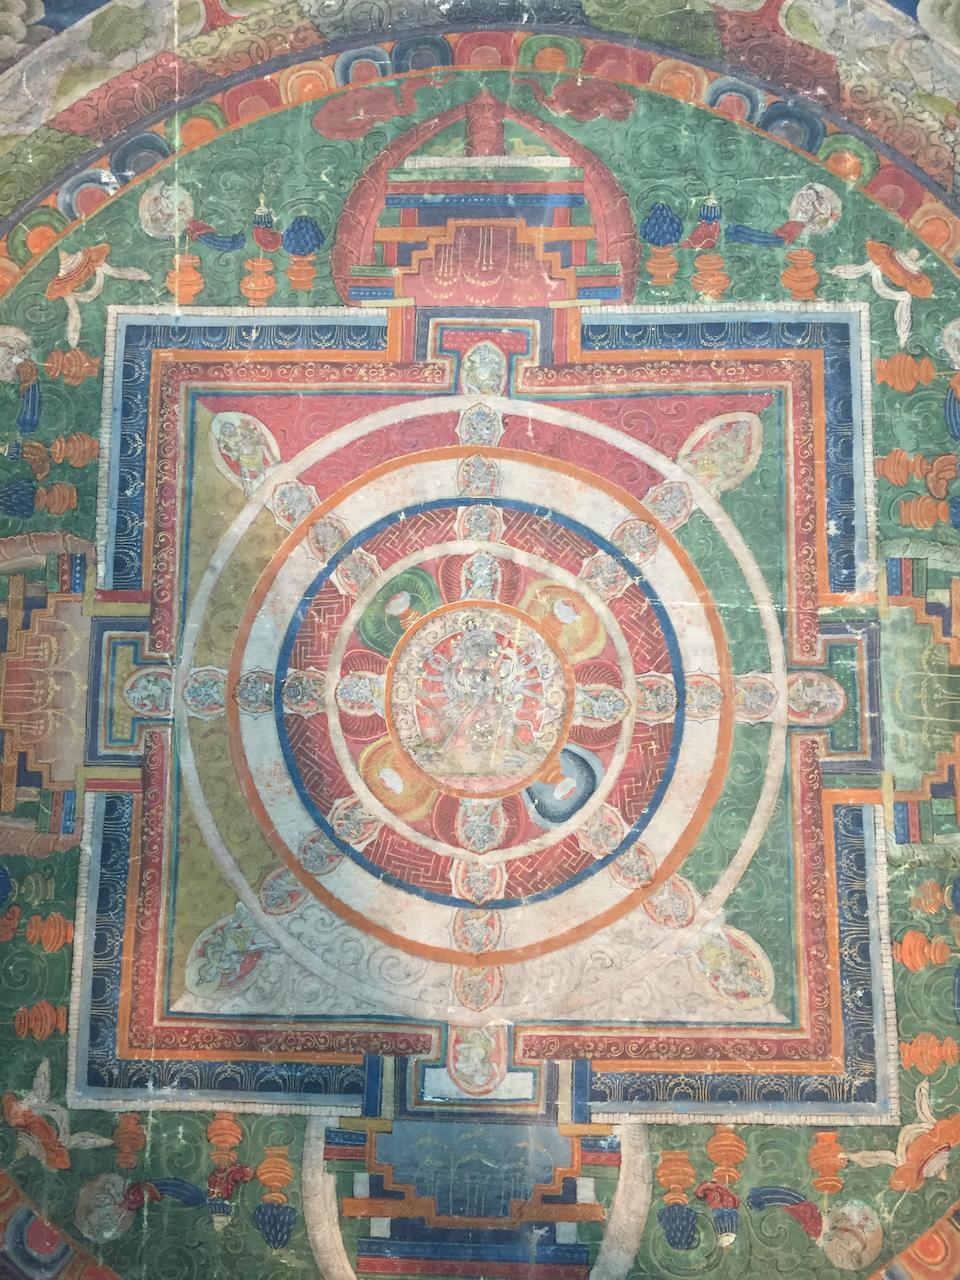 Bonhams : A Chakrasamvara mandala Central Tibet, 19th century